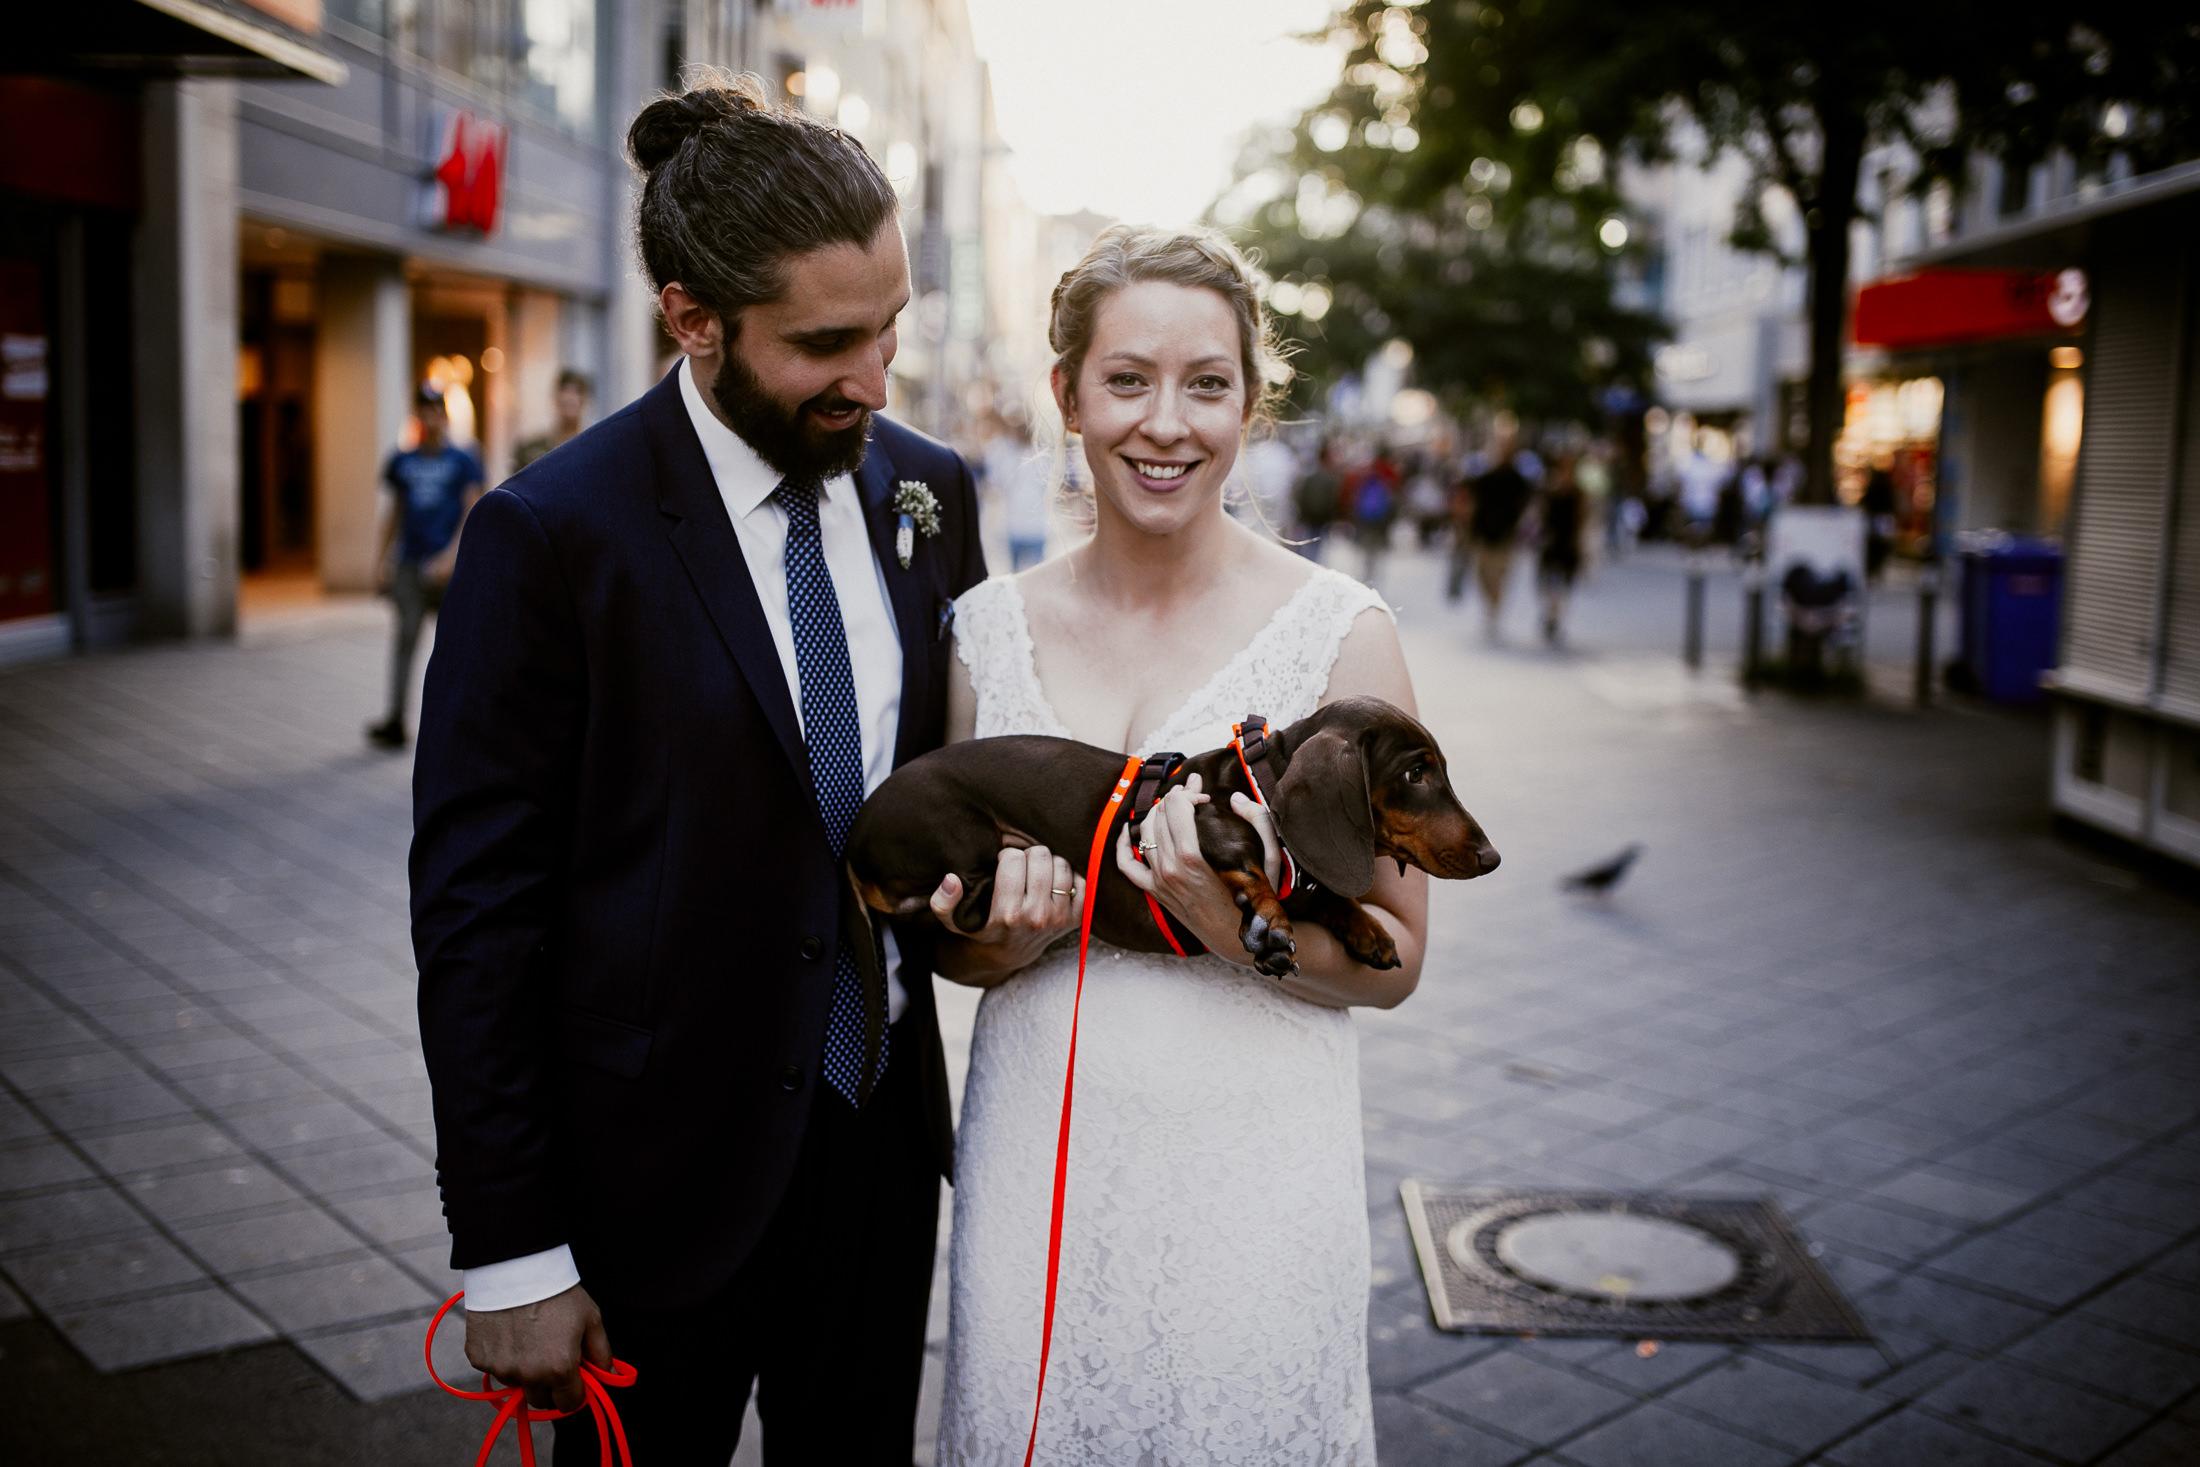 Jessi-Niko-Hochzeit-Nuernberg-city-urban-Bildervomleben-7J0A4809